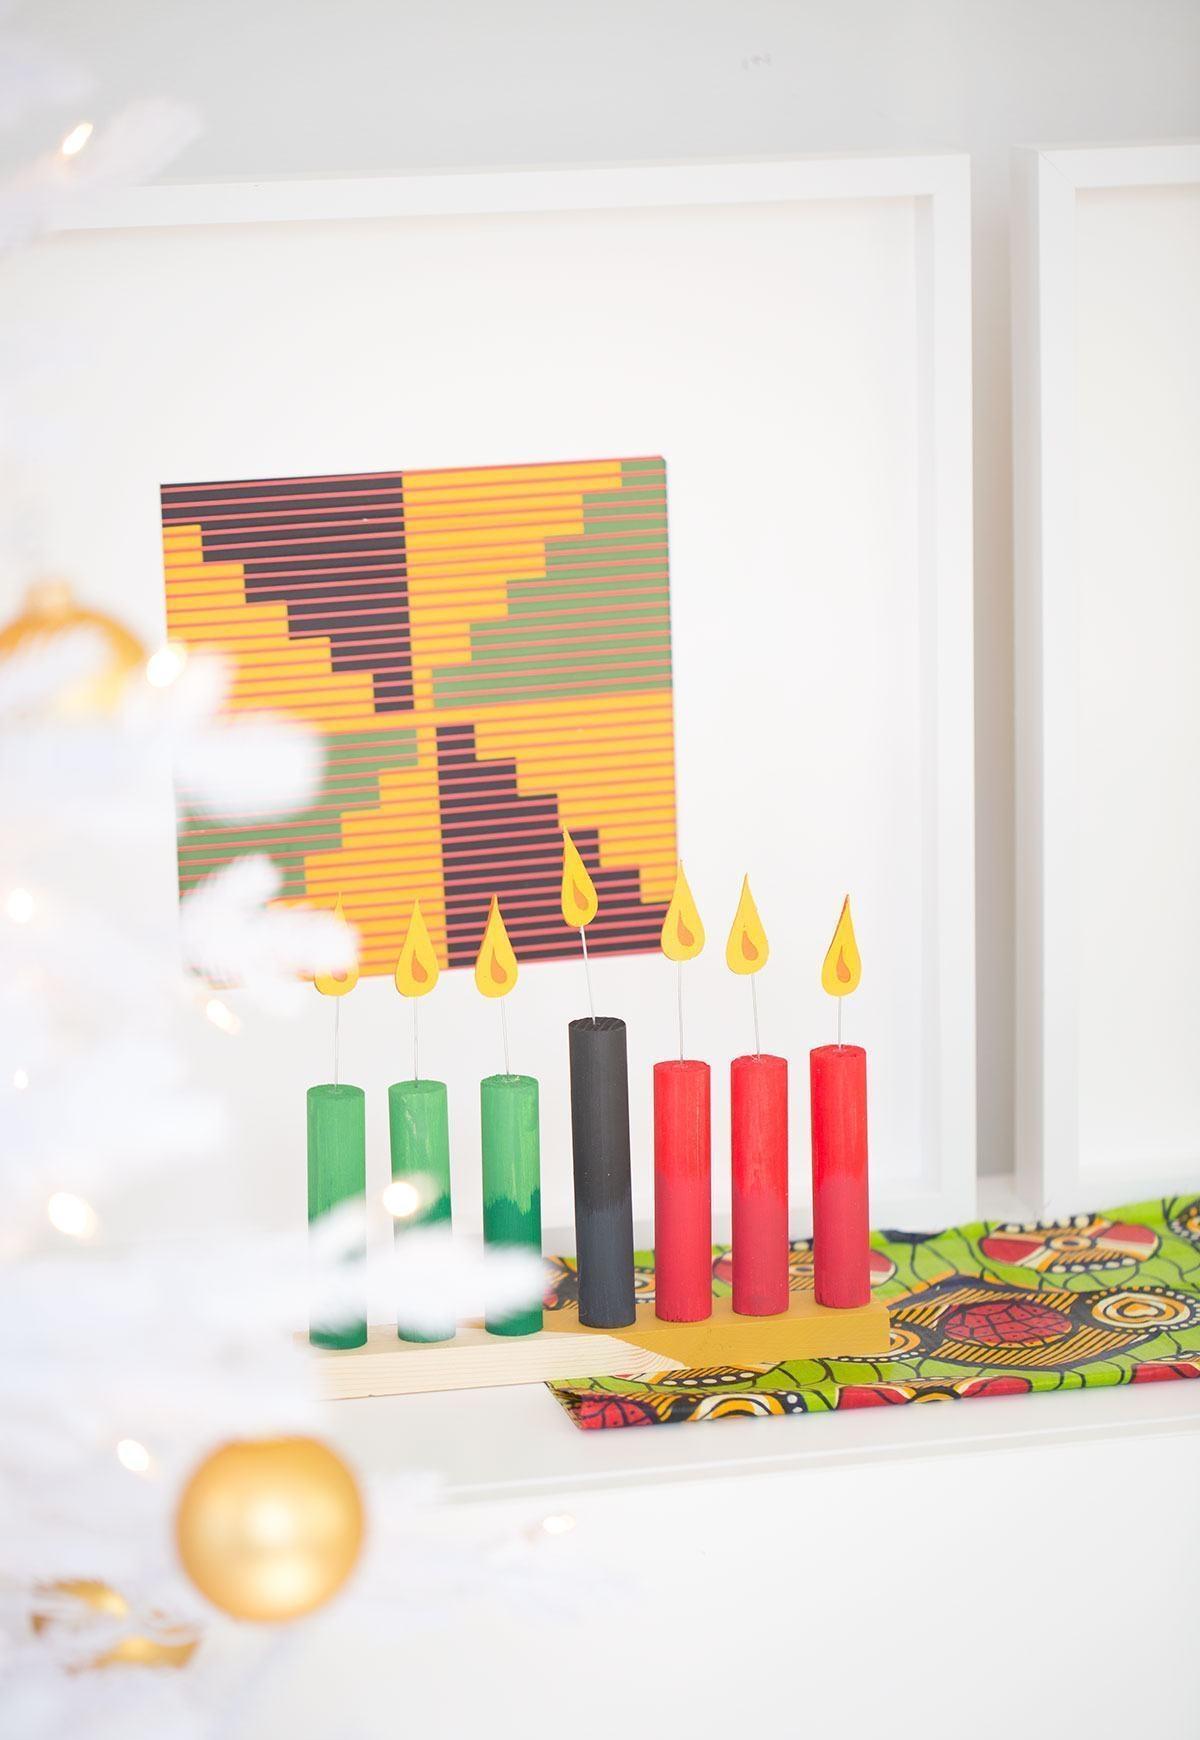 Evite preocupações no grande dia: as velas fake estão aí pra isso!